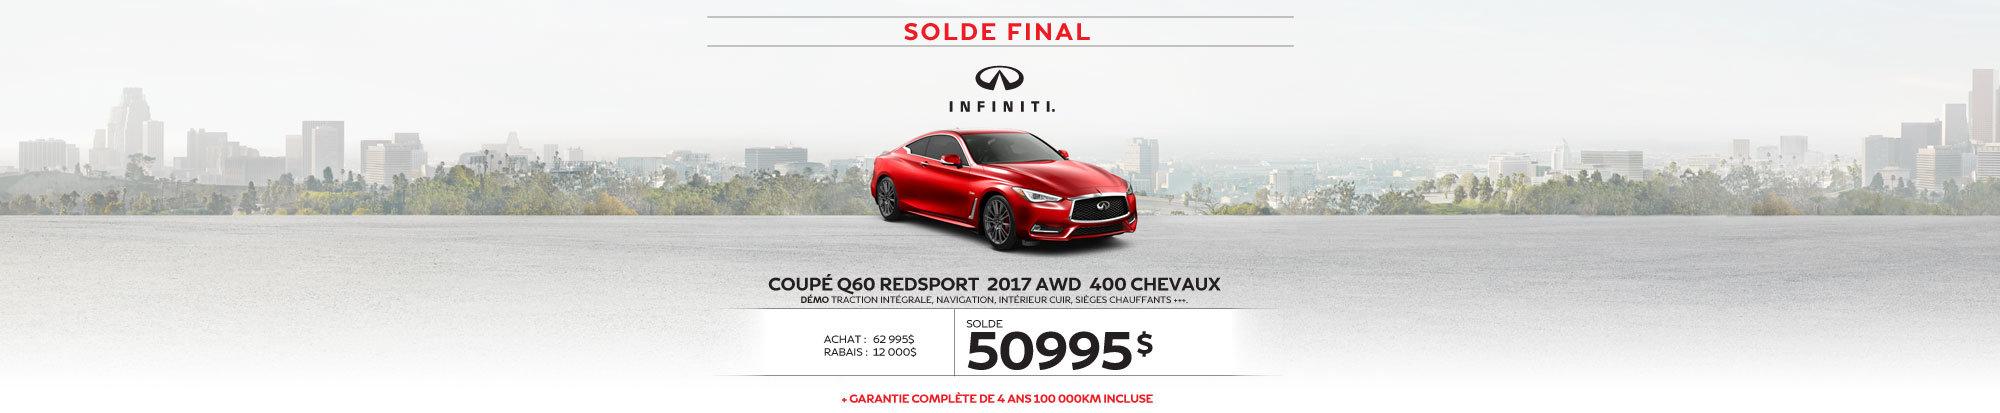 COUPÉ Q60 REDSPORT 2017 AWD démos dernier appel … pour le solde 2017! web